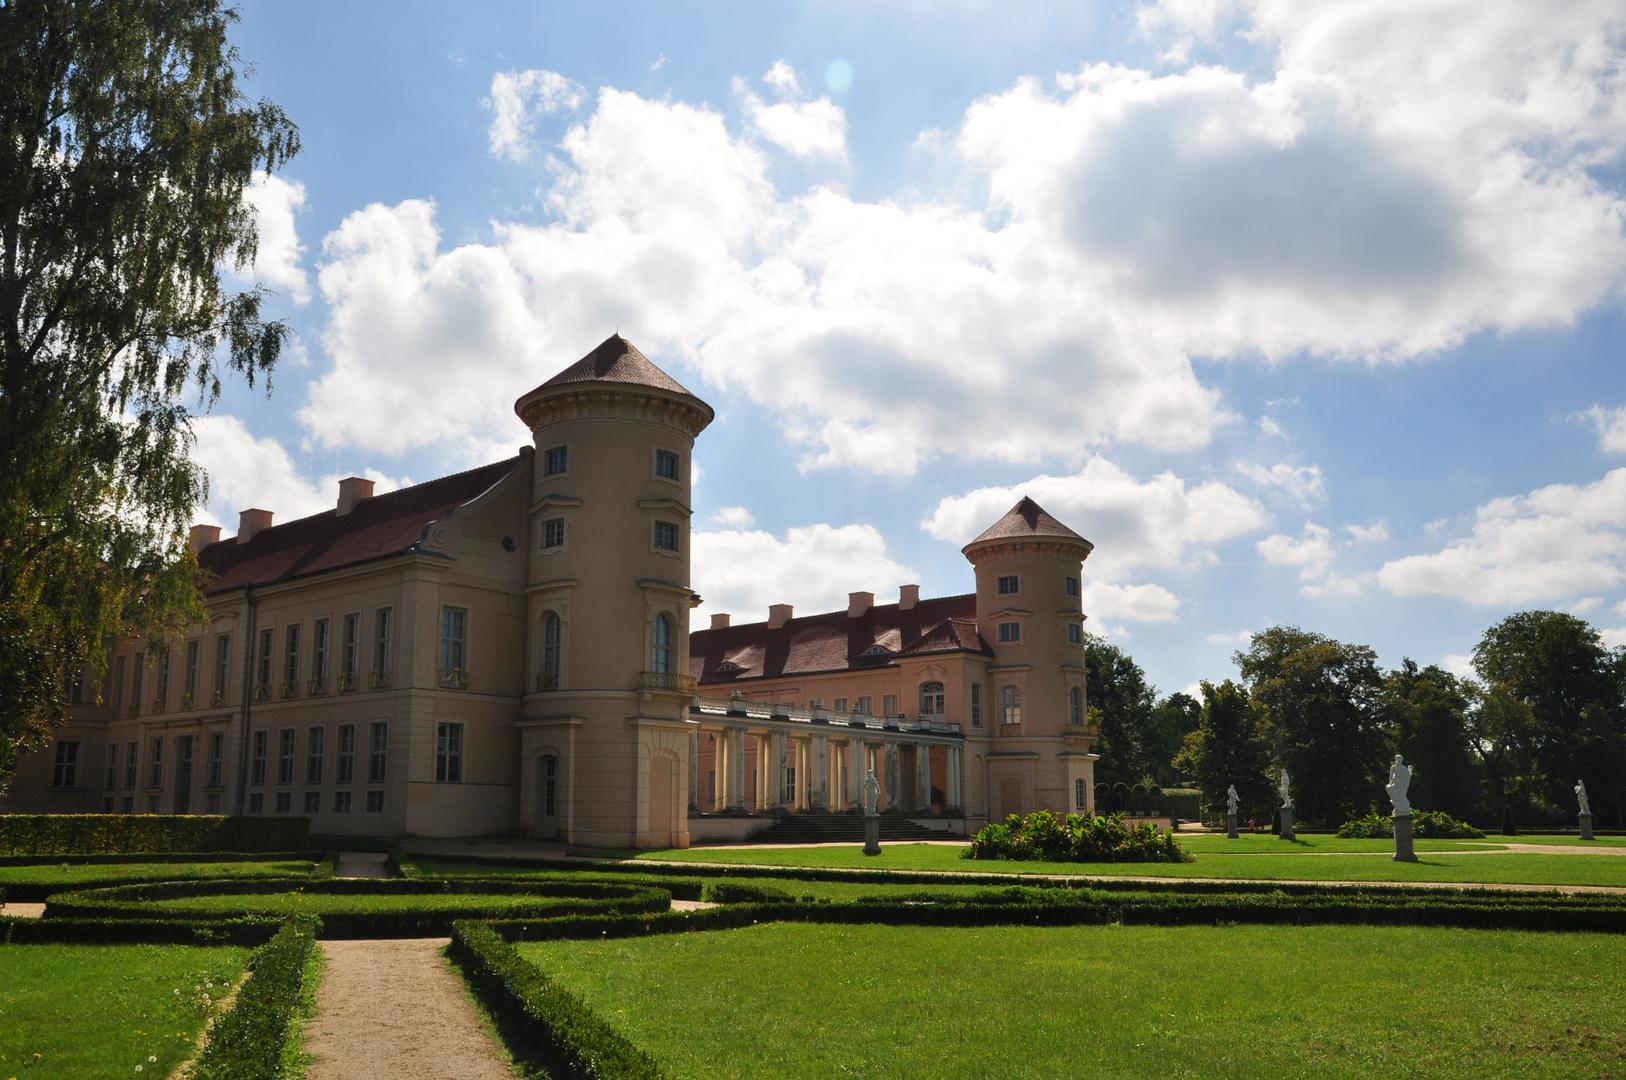 Schloss Rheinsberg 5